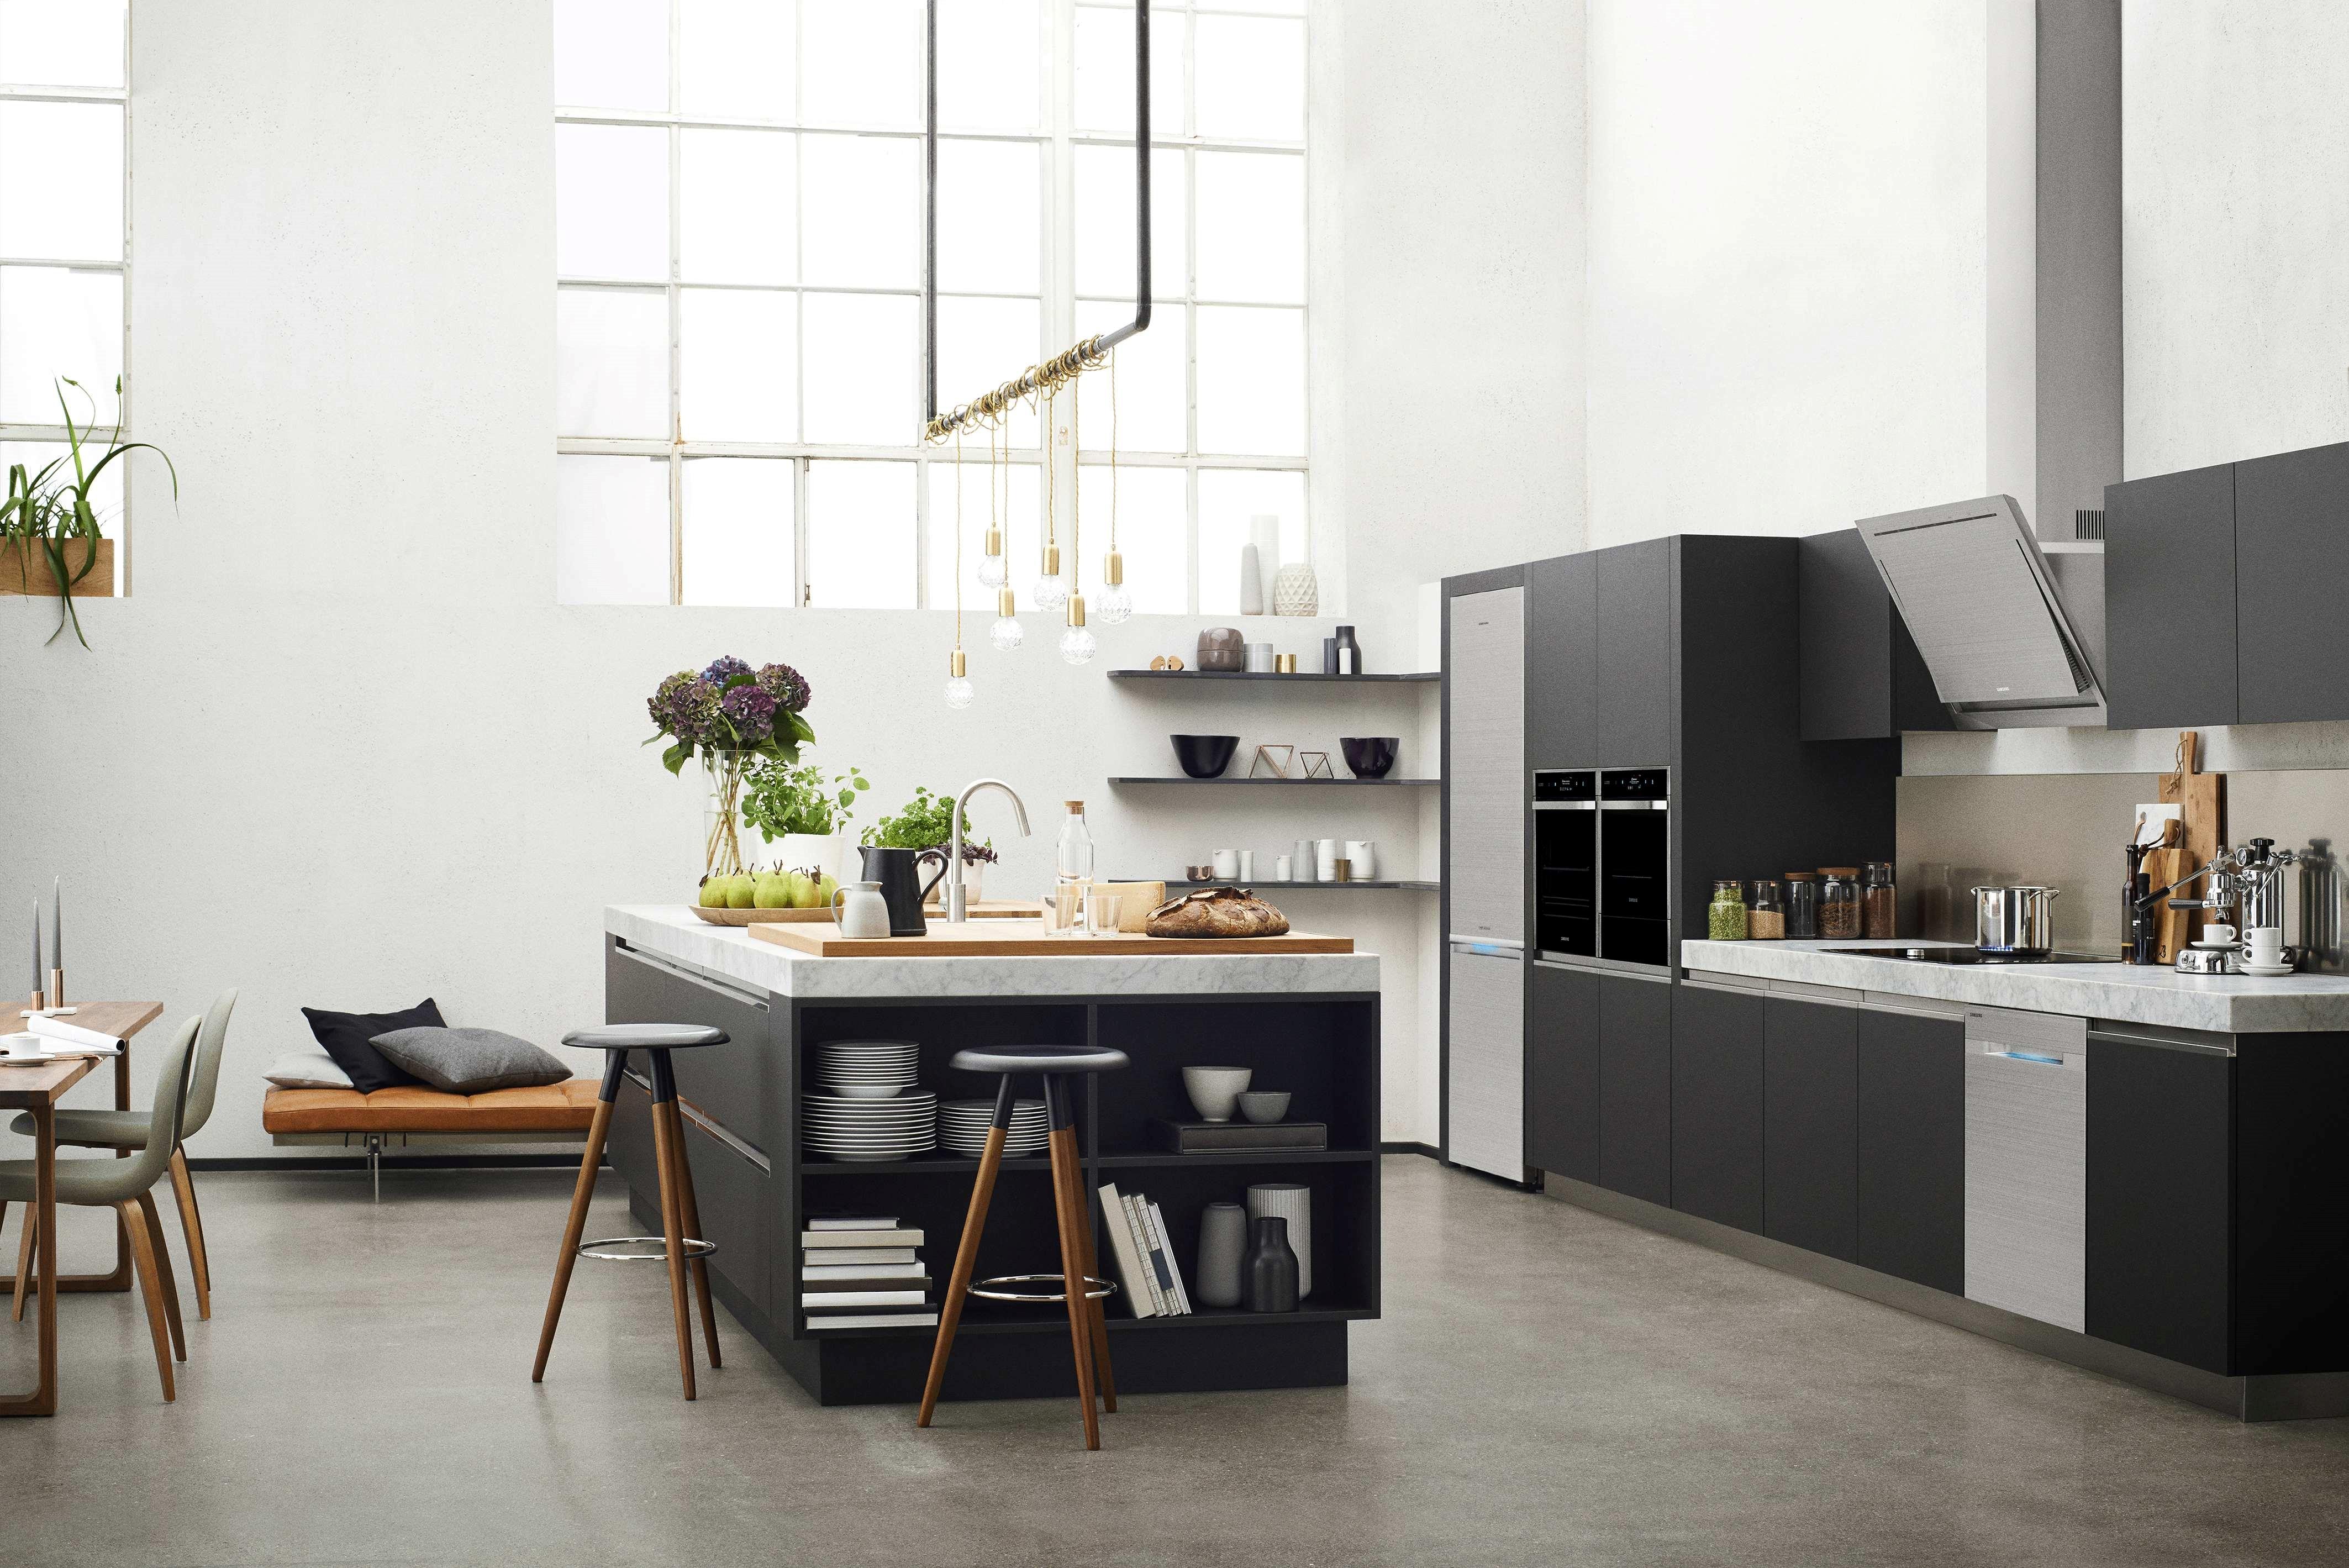 Die Einbauküche samsung erweitert einbaugeräteportfolio so sieht die einbauküche